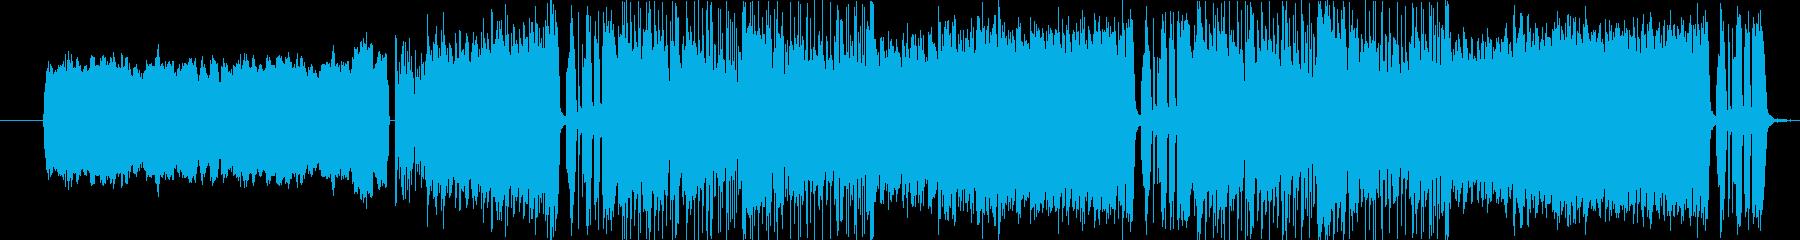 スピード感ある力強いメロディーの再生済みの波形